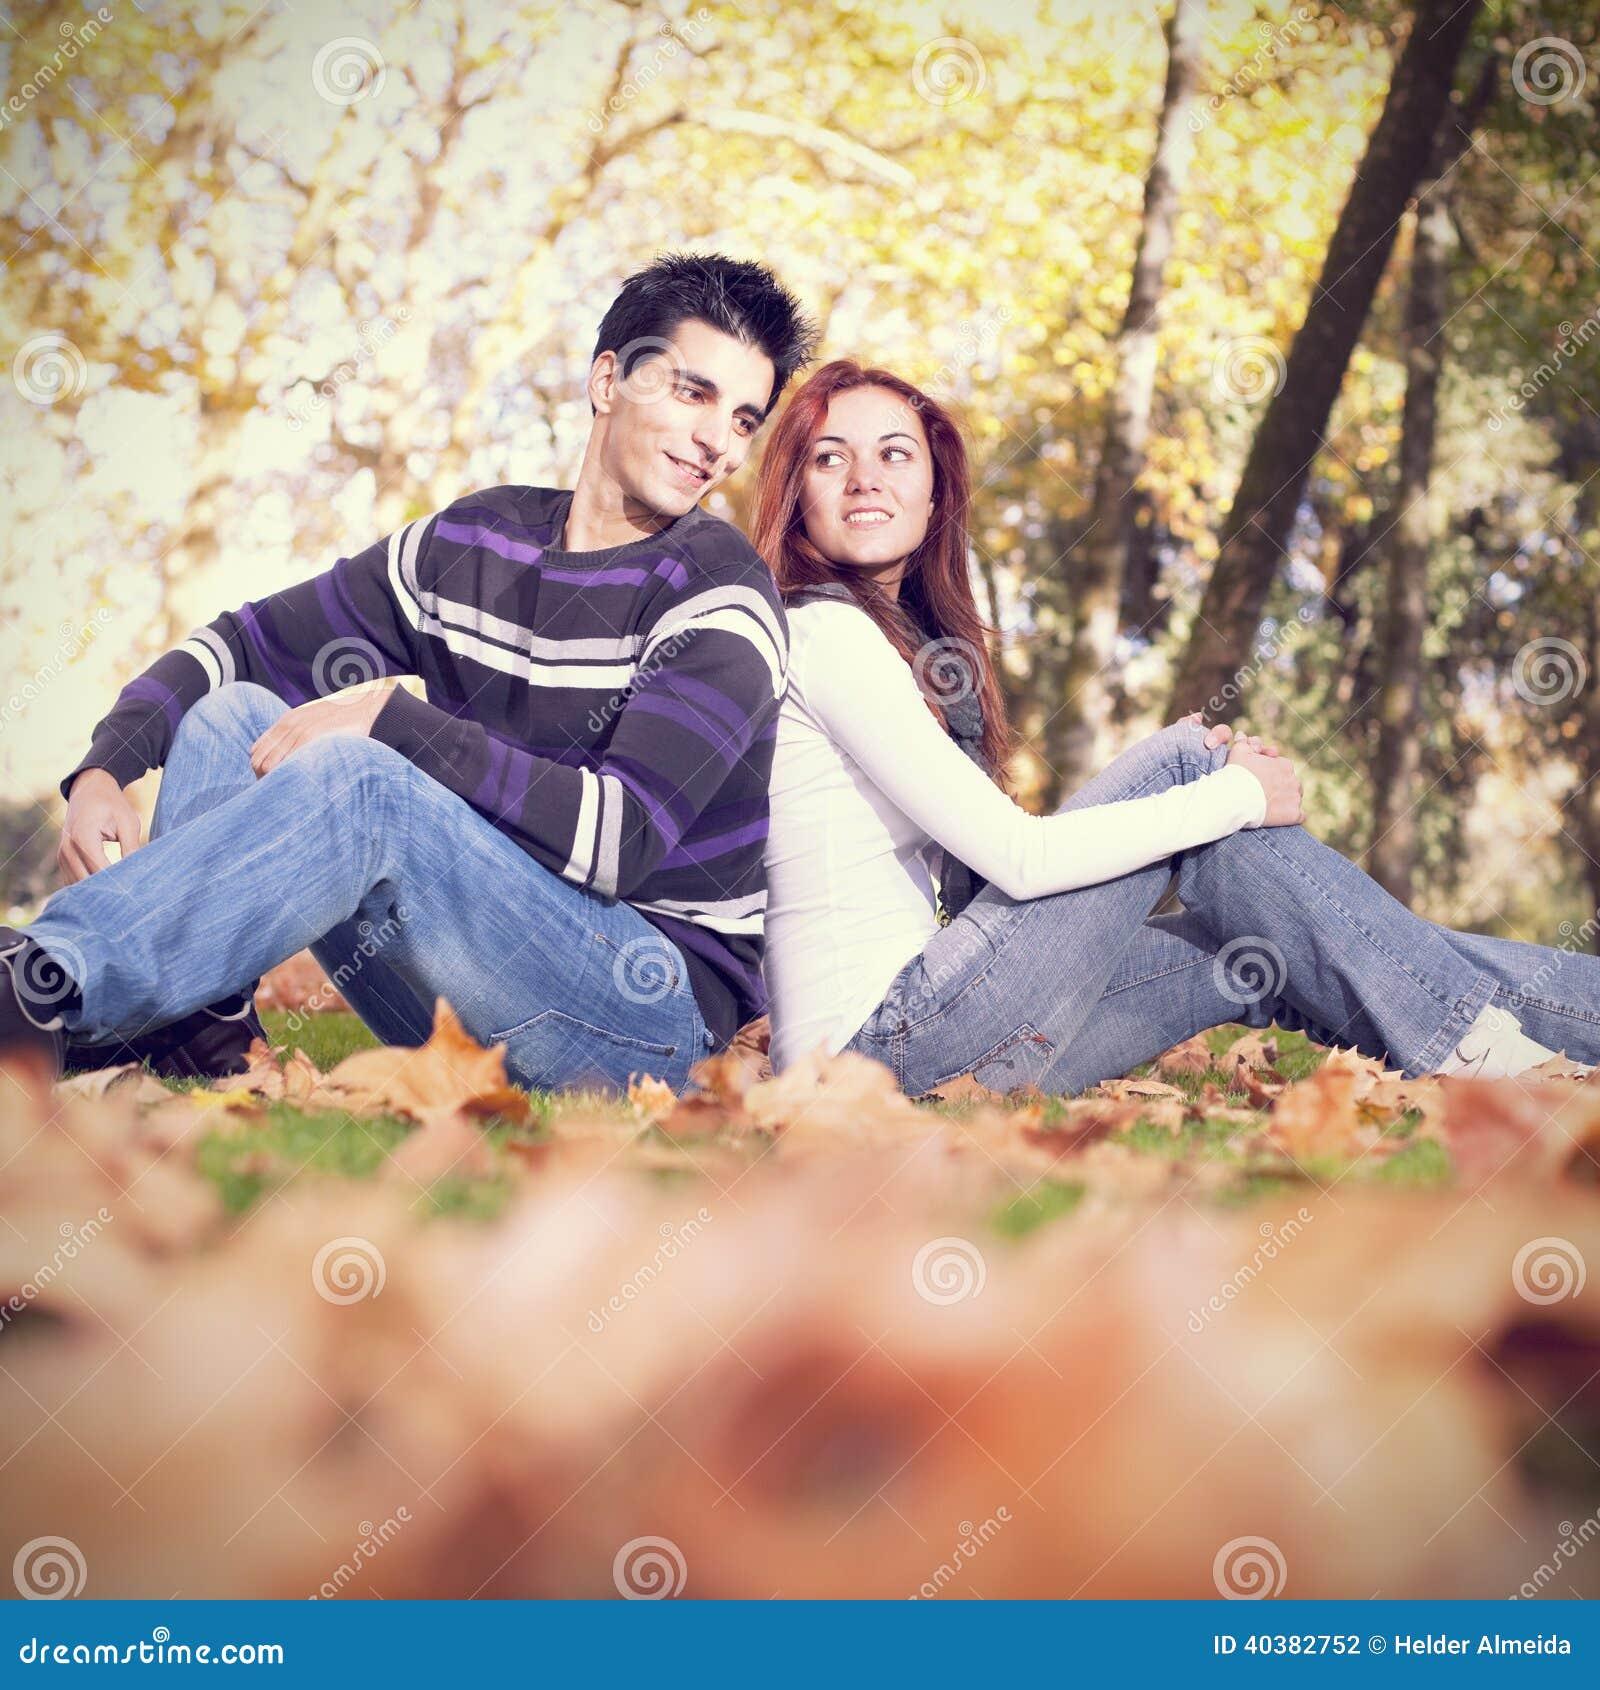 Влюбленность и привязанность между молодой парой